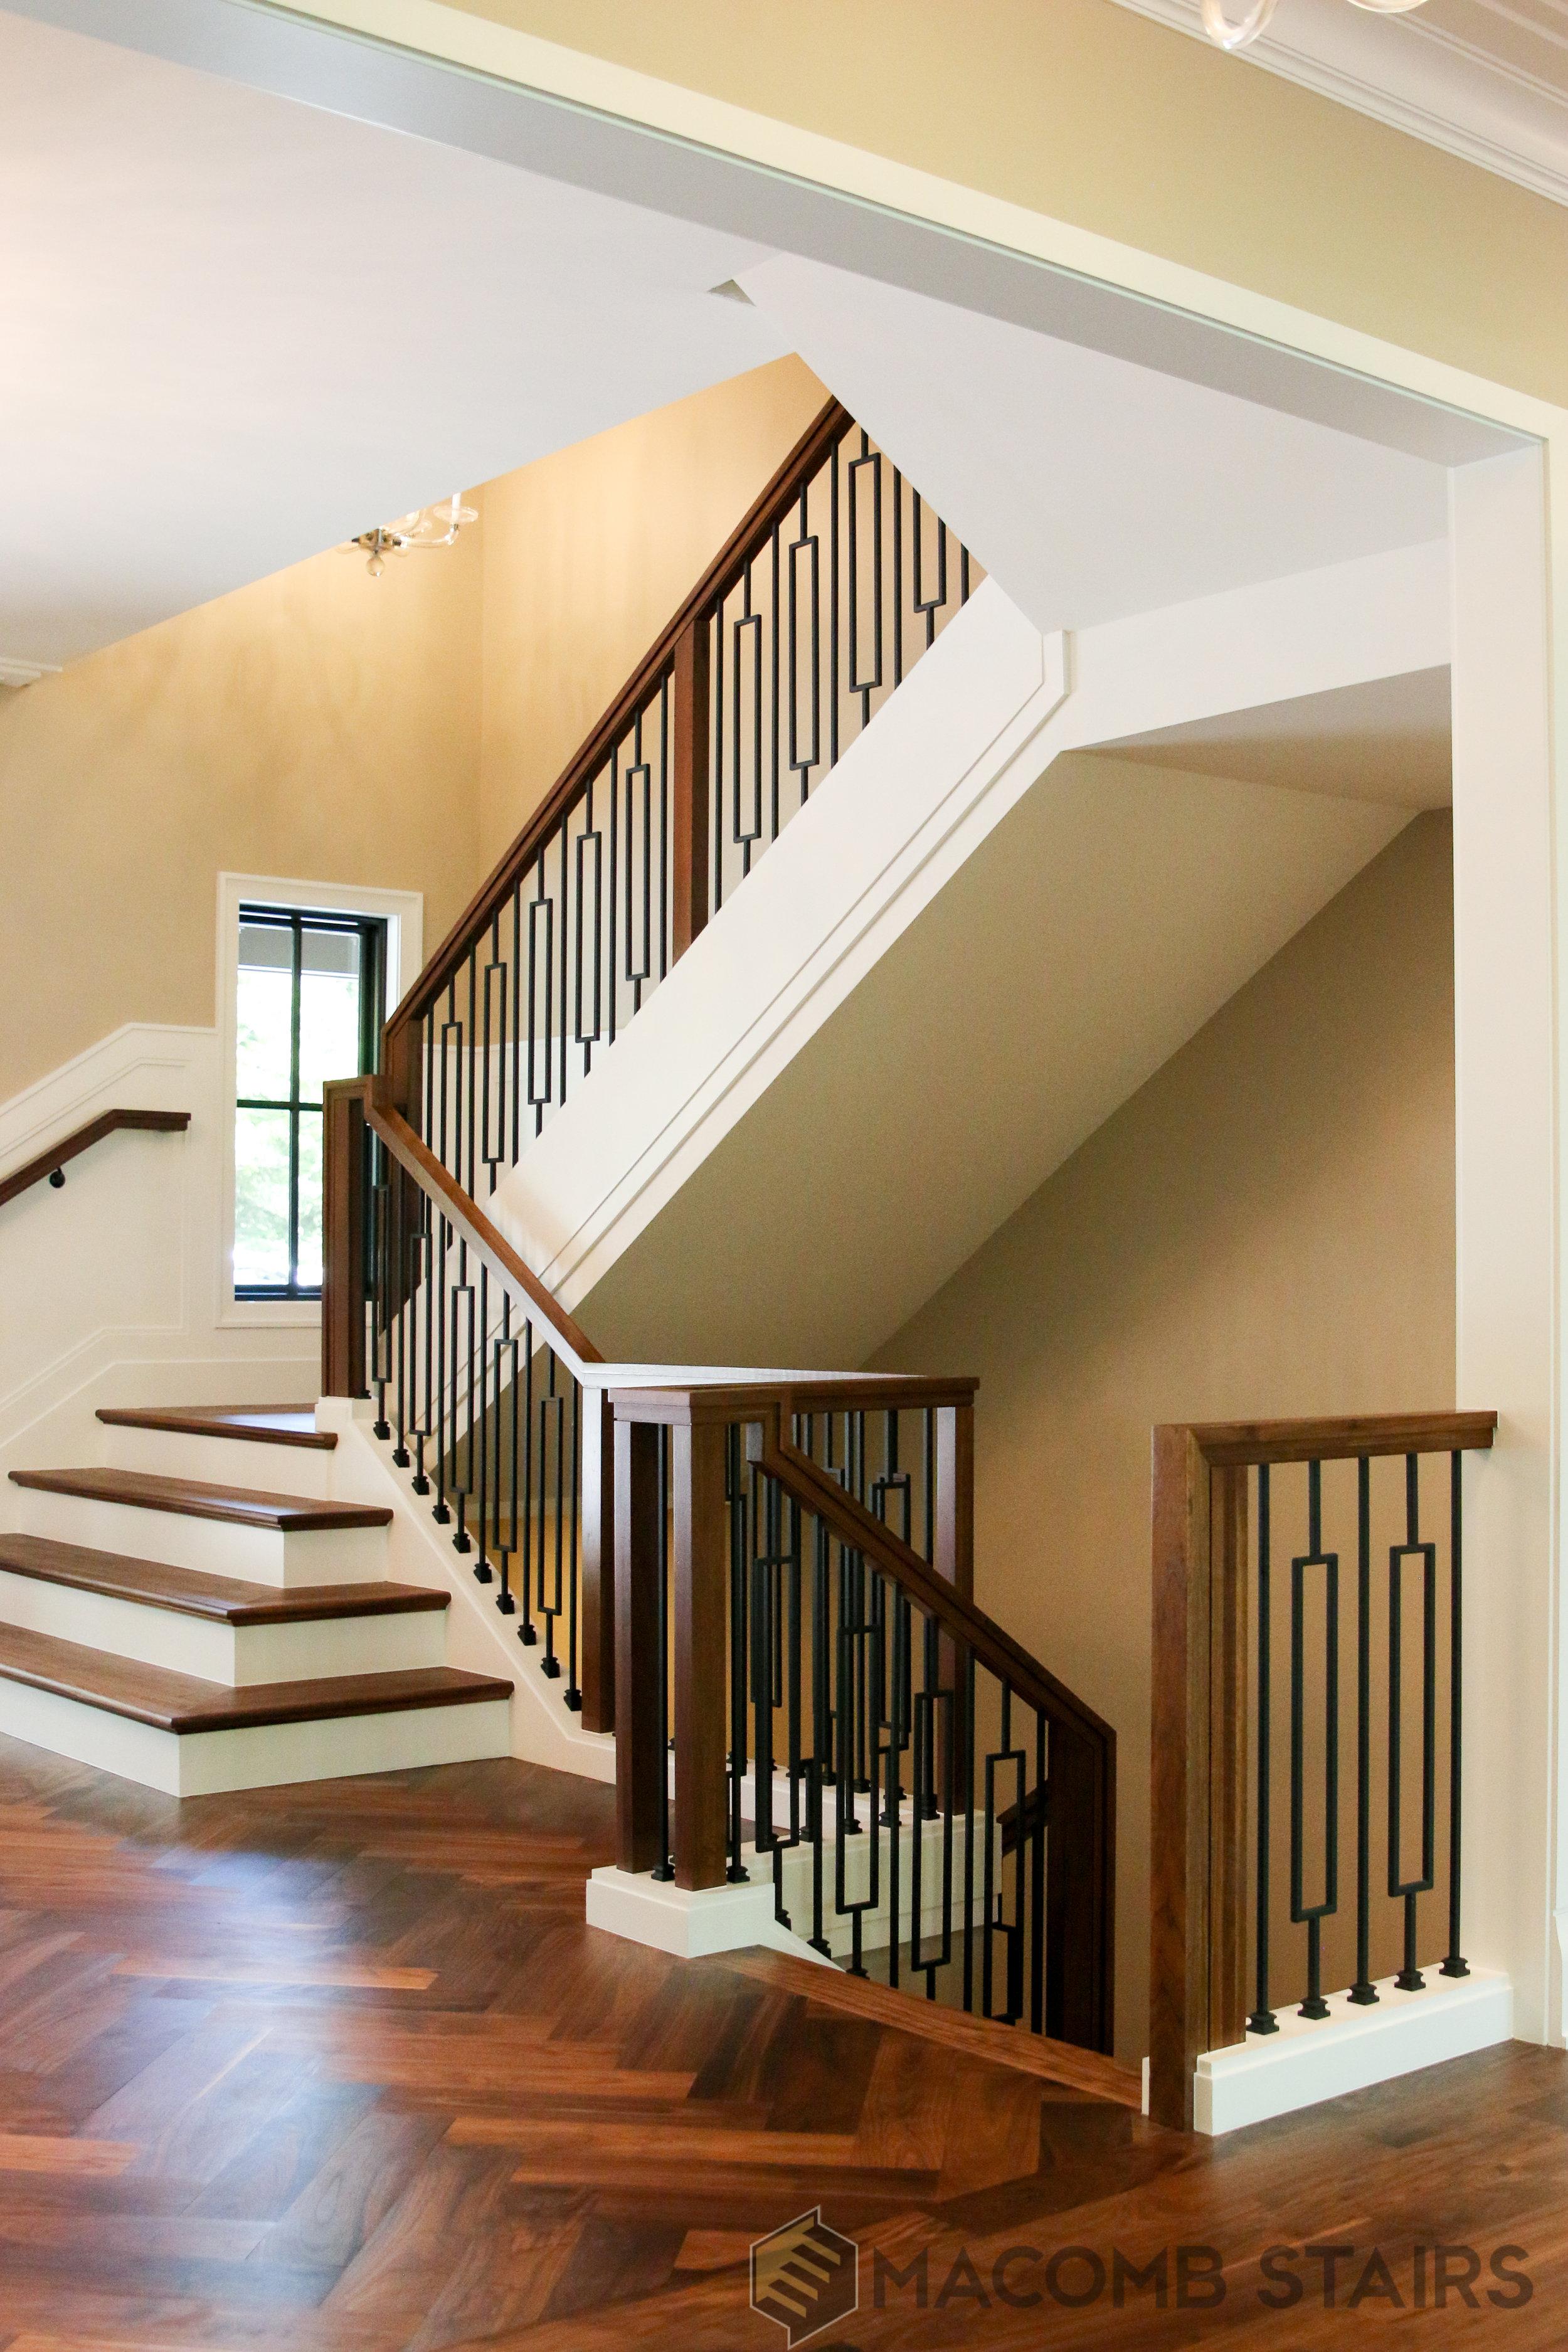 Macimb Stairs- Stair Photo-2.jpg